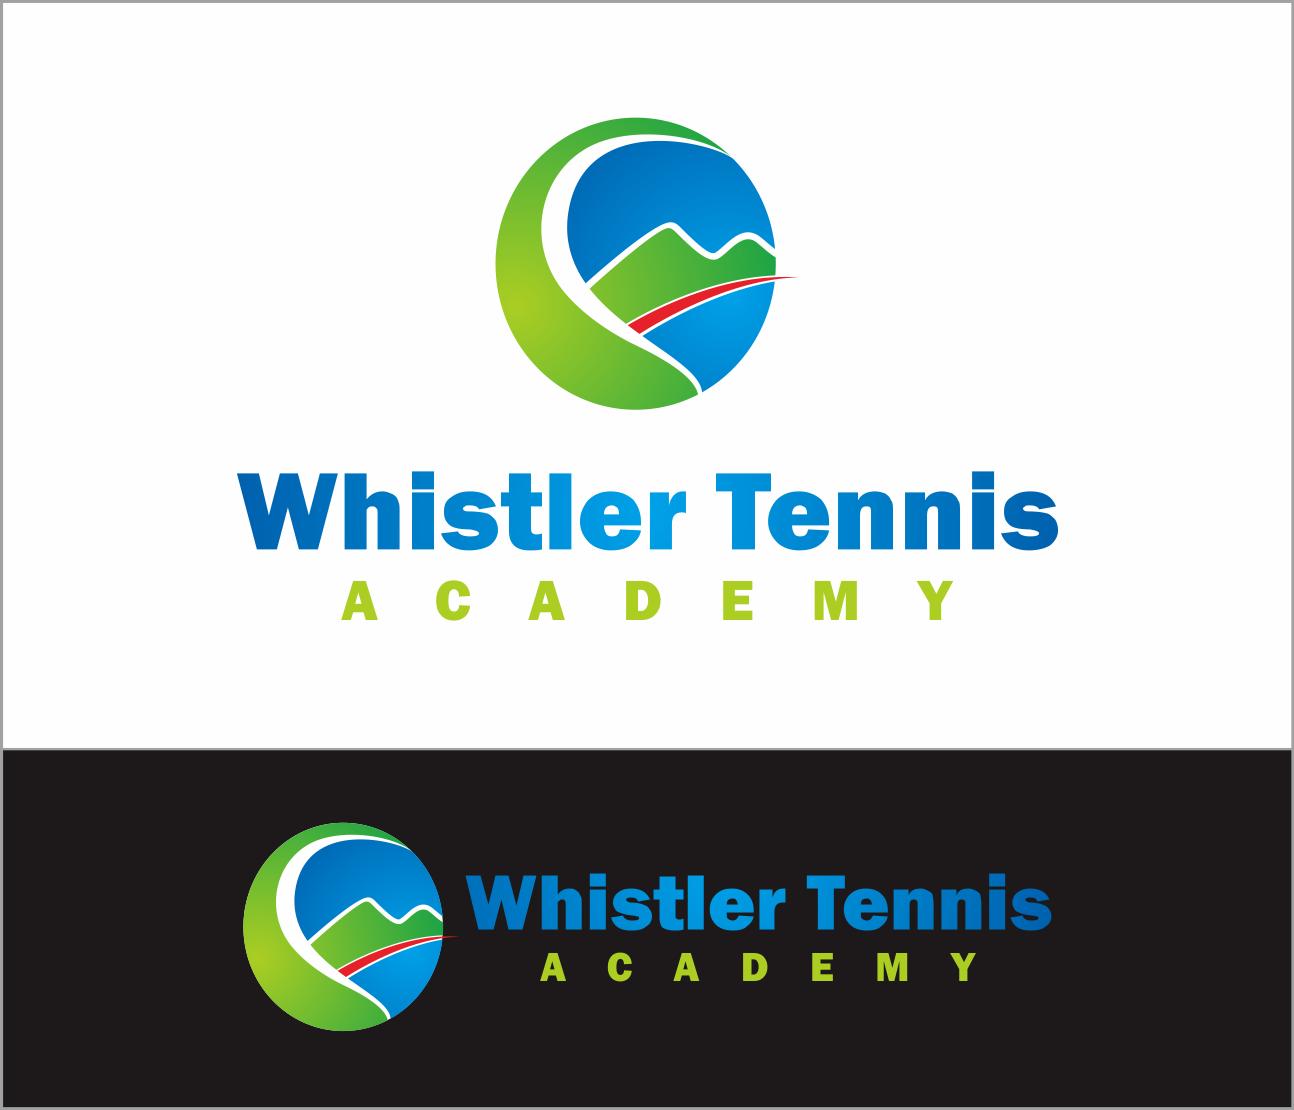 Logo Design by Armada Jamaluddin - Entry No. 189 in the Logo Design Contest Imaginative Logo Design for Whistler Tennis Academy.